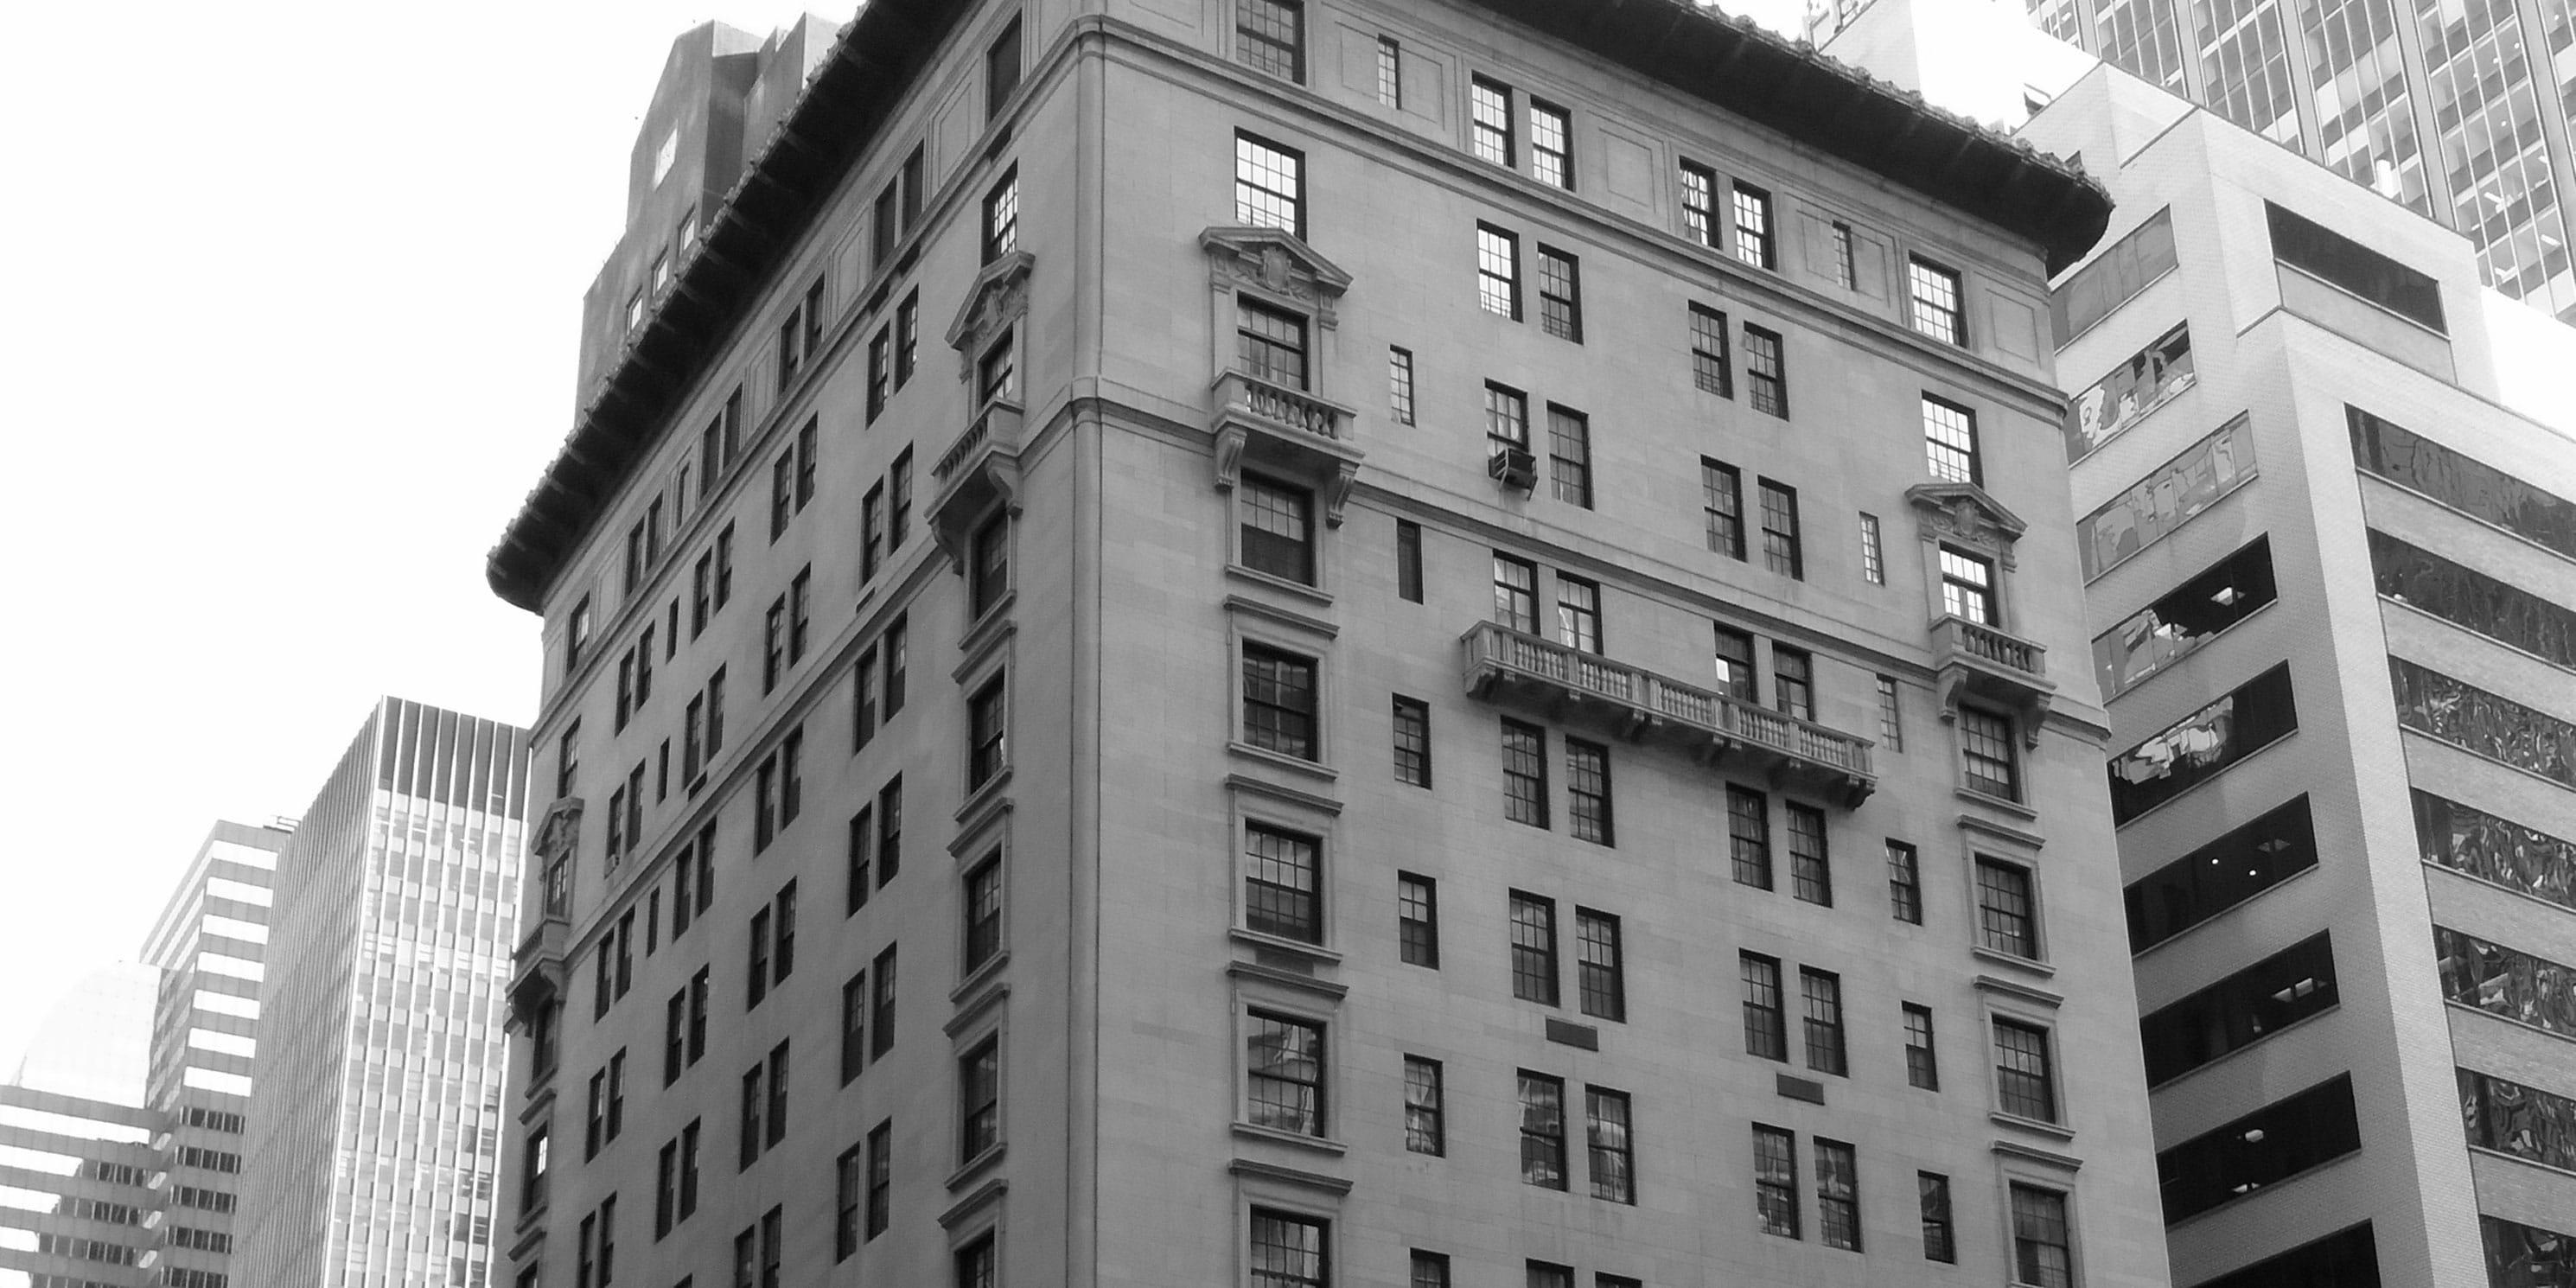 exterior of 417 Park Avenue